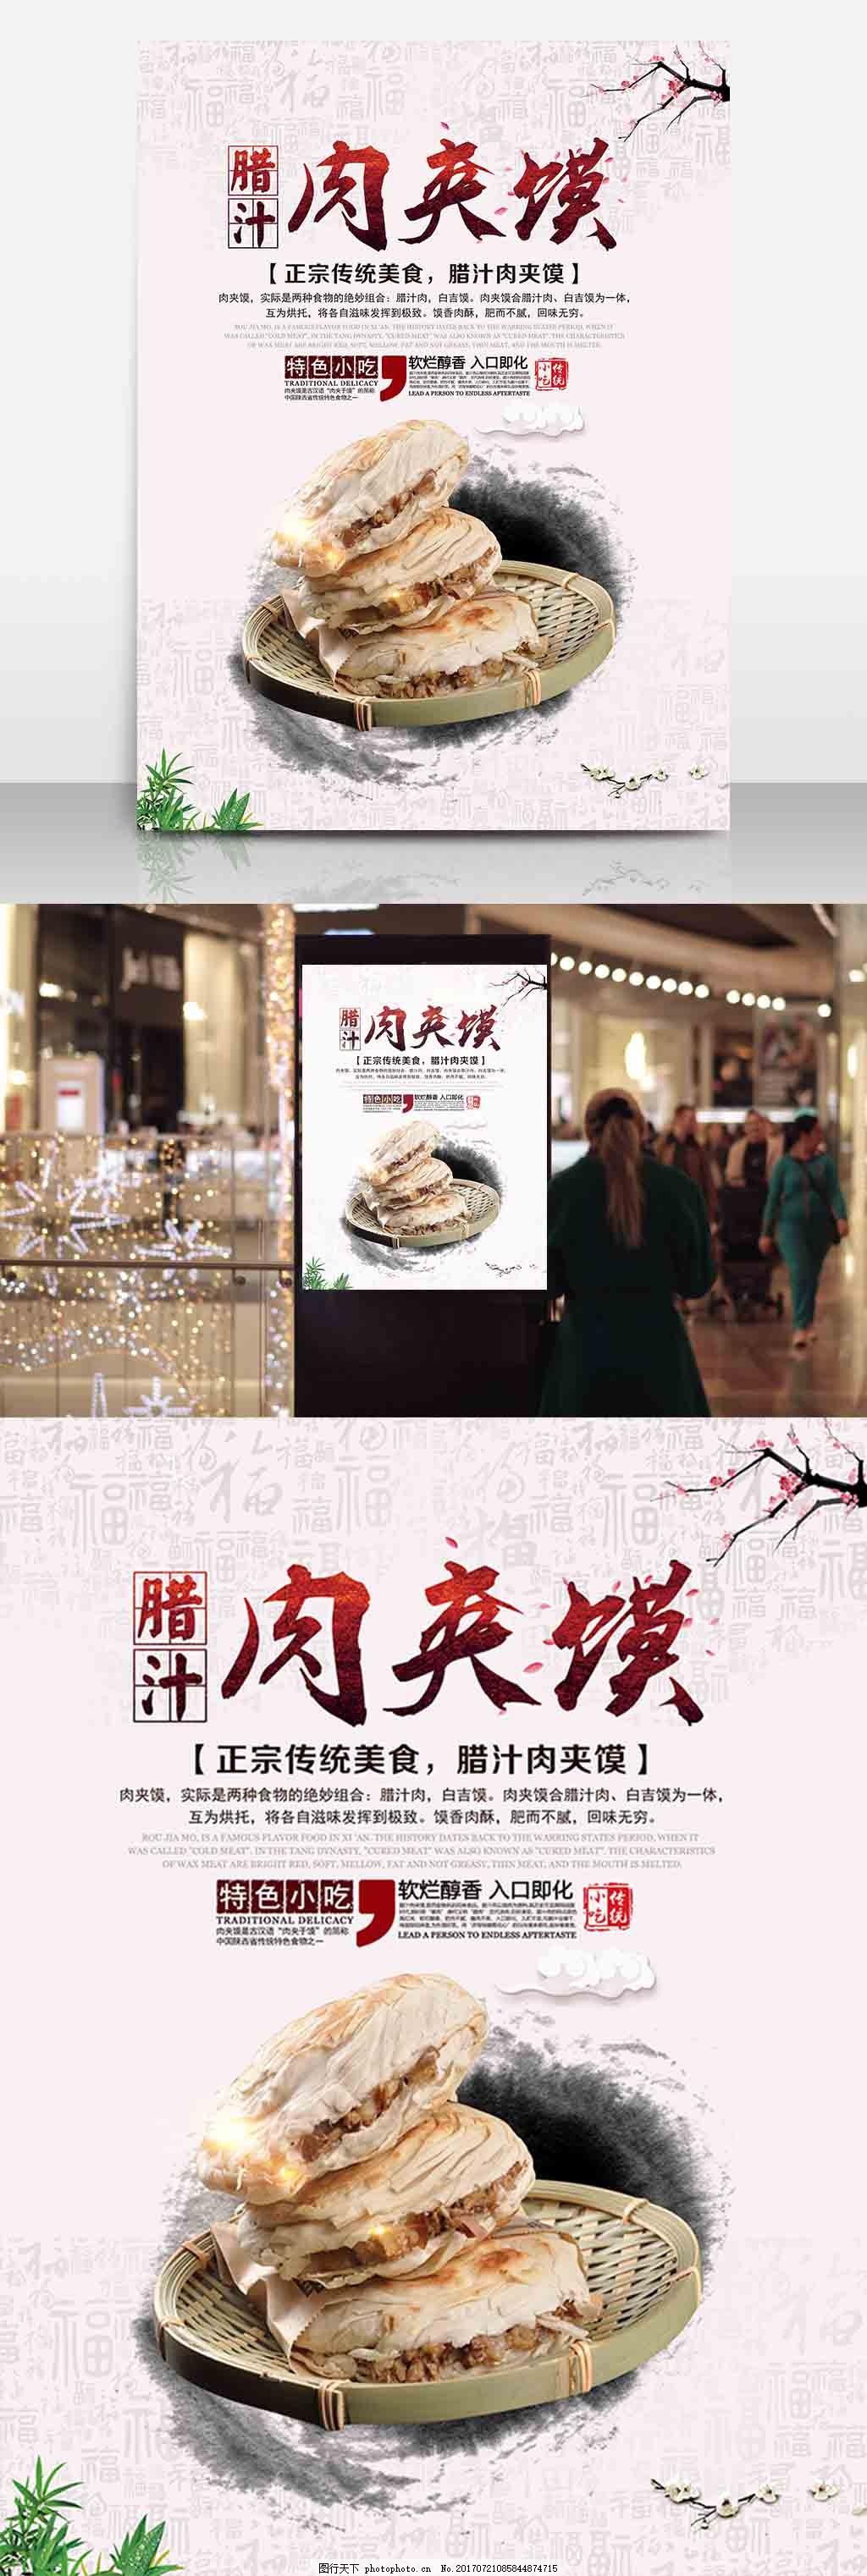 西安传统小吃腊汁肉夹馍美食海报 西安传统小吃肉夹馍 陕西肉夹馍